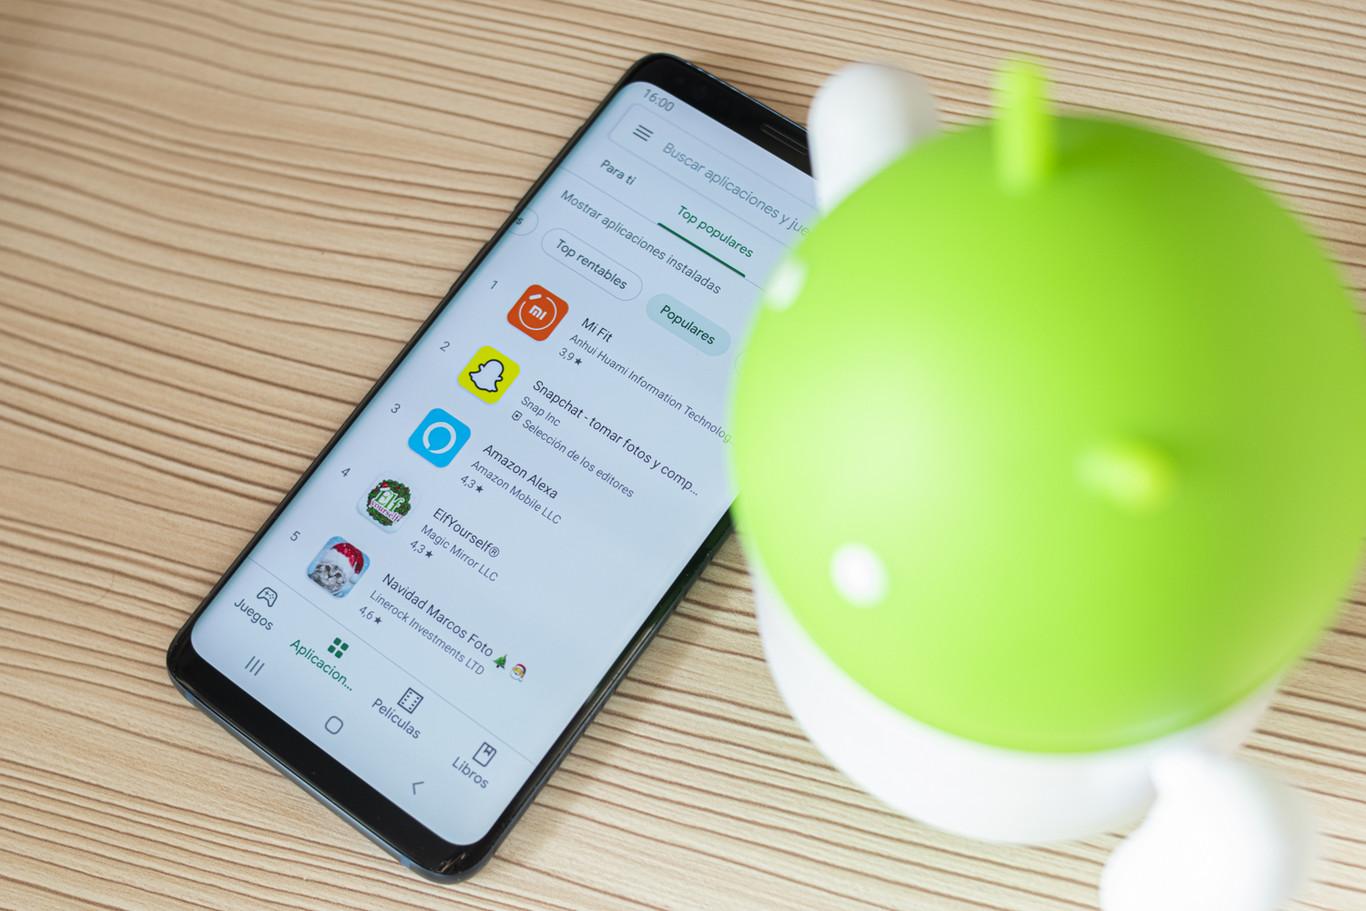 como-hacen-dinero-las-aplicaciones-gratuitas-y-como-se-benefician-de-los-dispositivos-moviles